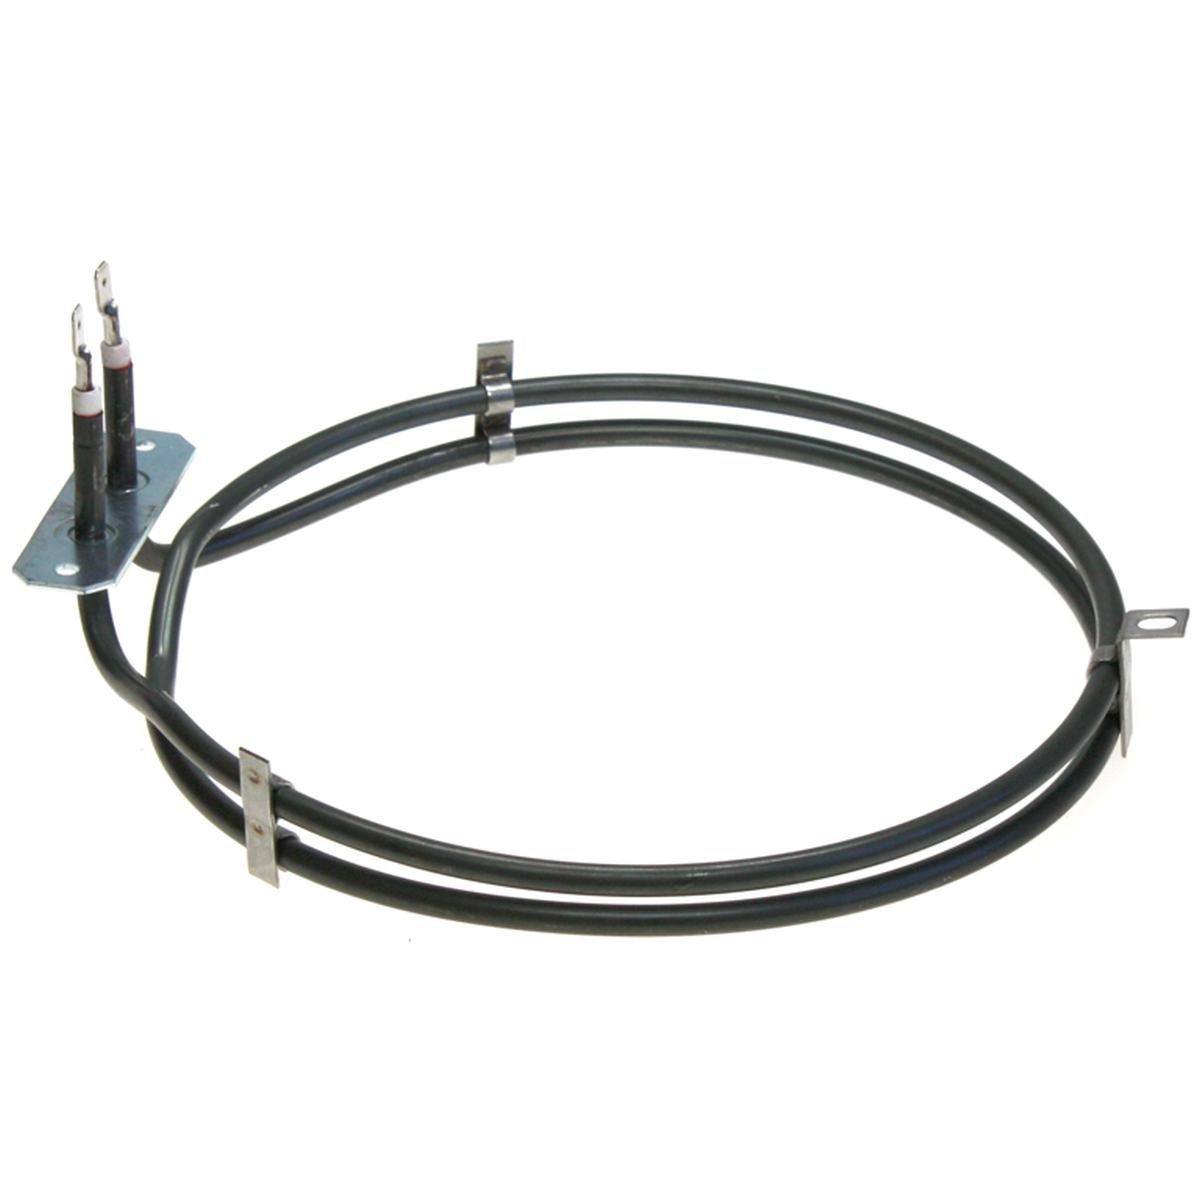 Ringvarmelegeme 1350W 230V Voss